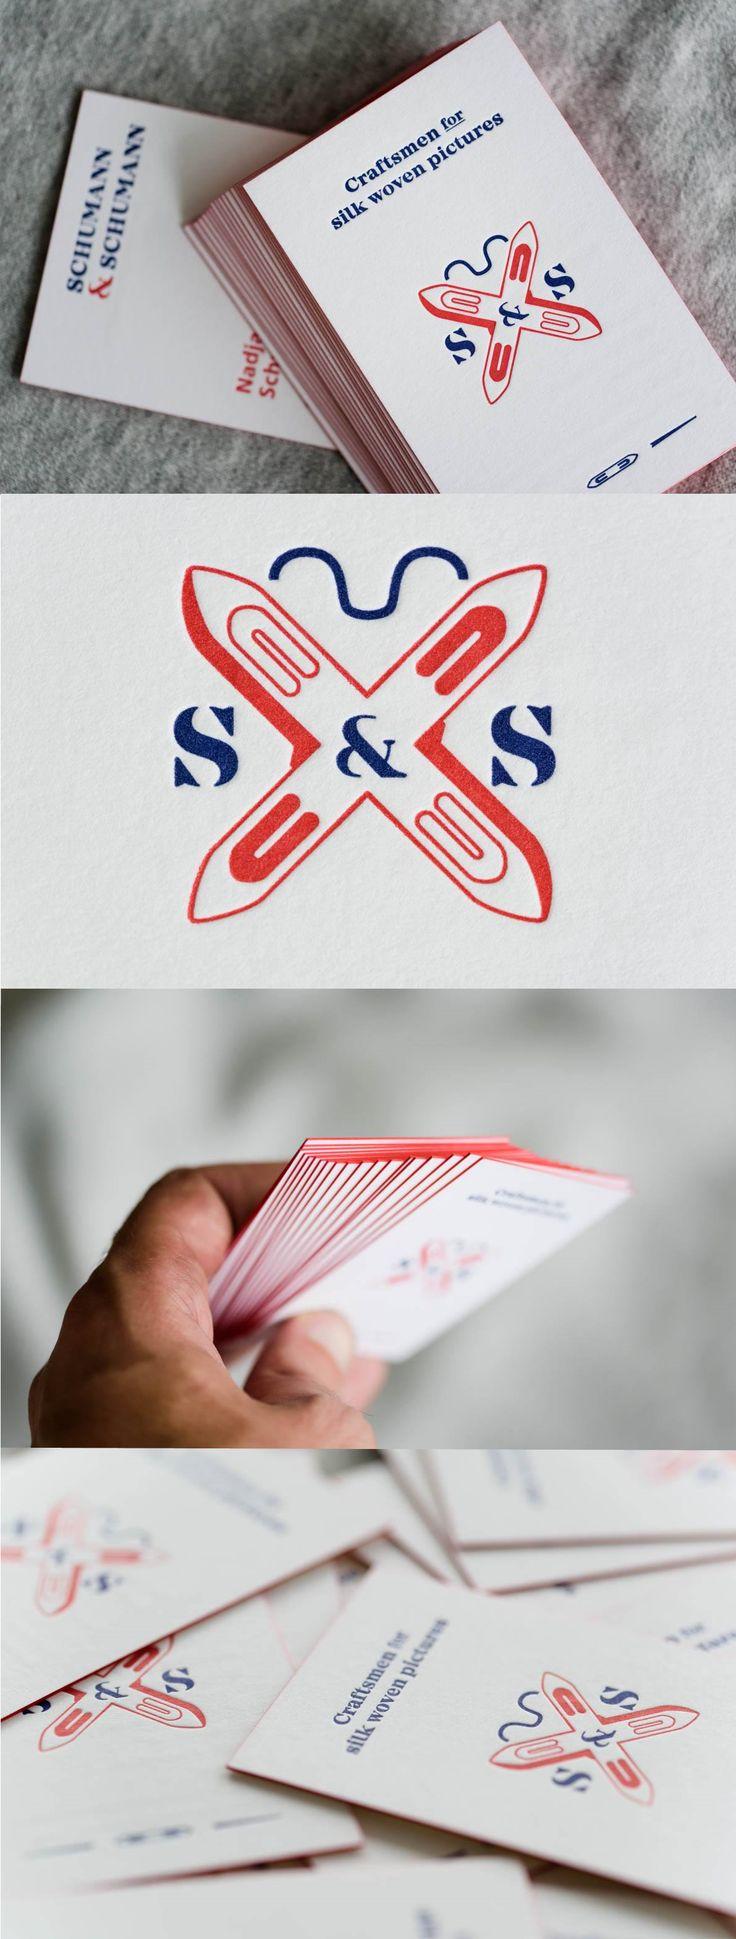 letterpress farbschnitt erstklassiger druck tolle visitenkarten jetzt deine visitenkarten im 24